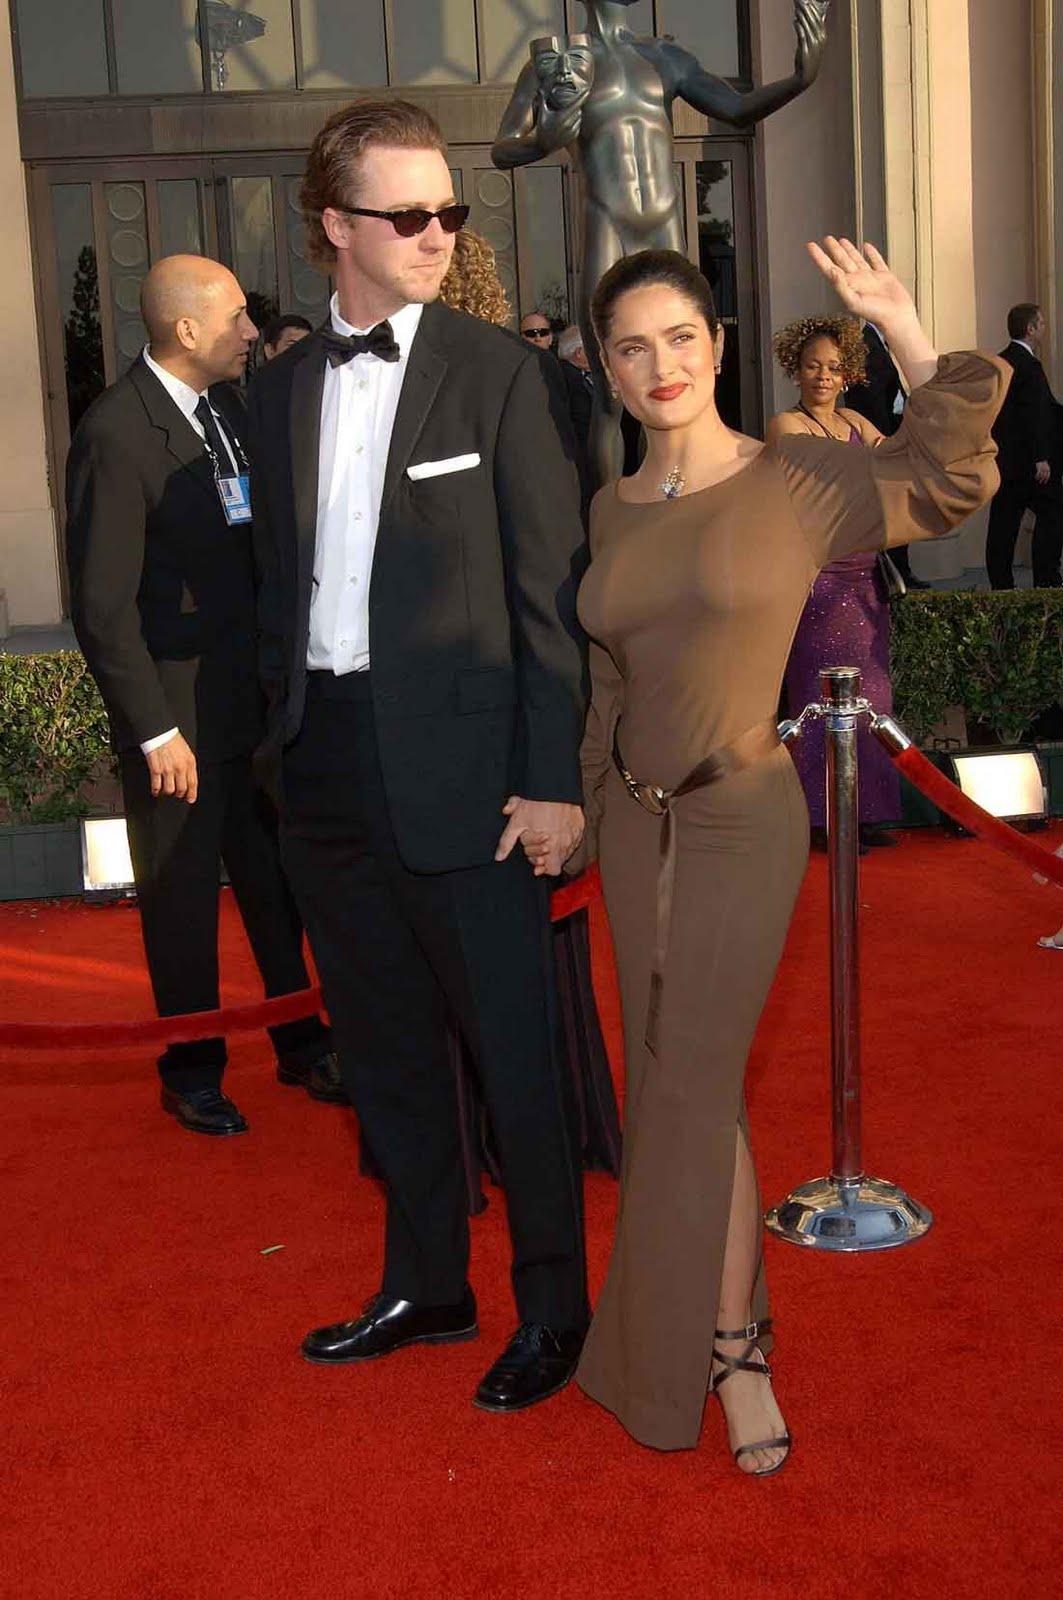 http://4.bp.blogspot.com/-CUiTPi7UPKA/Tfz-_dgvgOI/AAAAAAAAAtg/o4tszlRSNN8/s1600/Salma-Hayek-hot-dress7.jpg